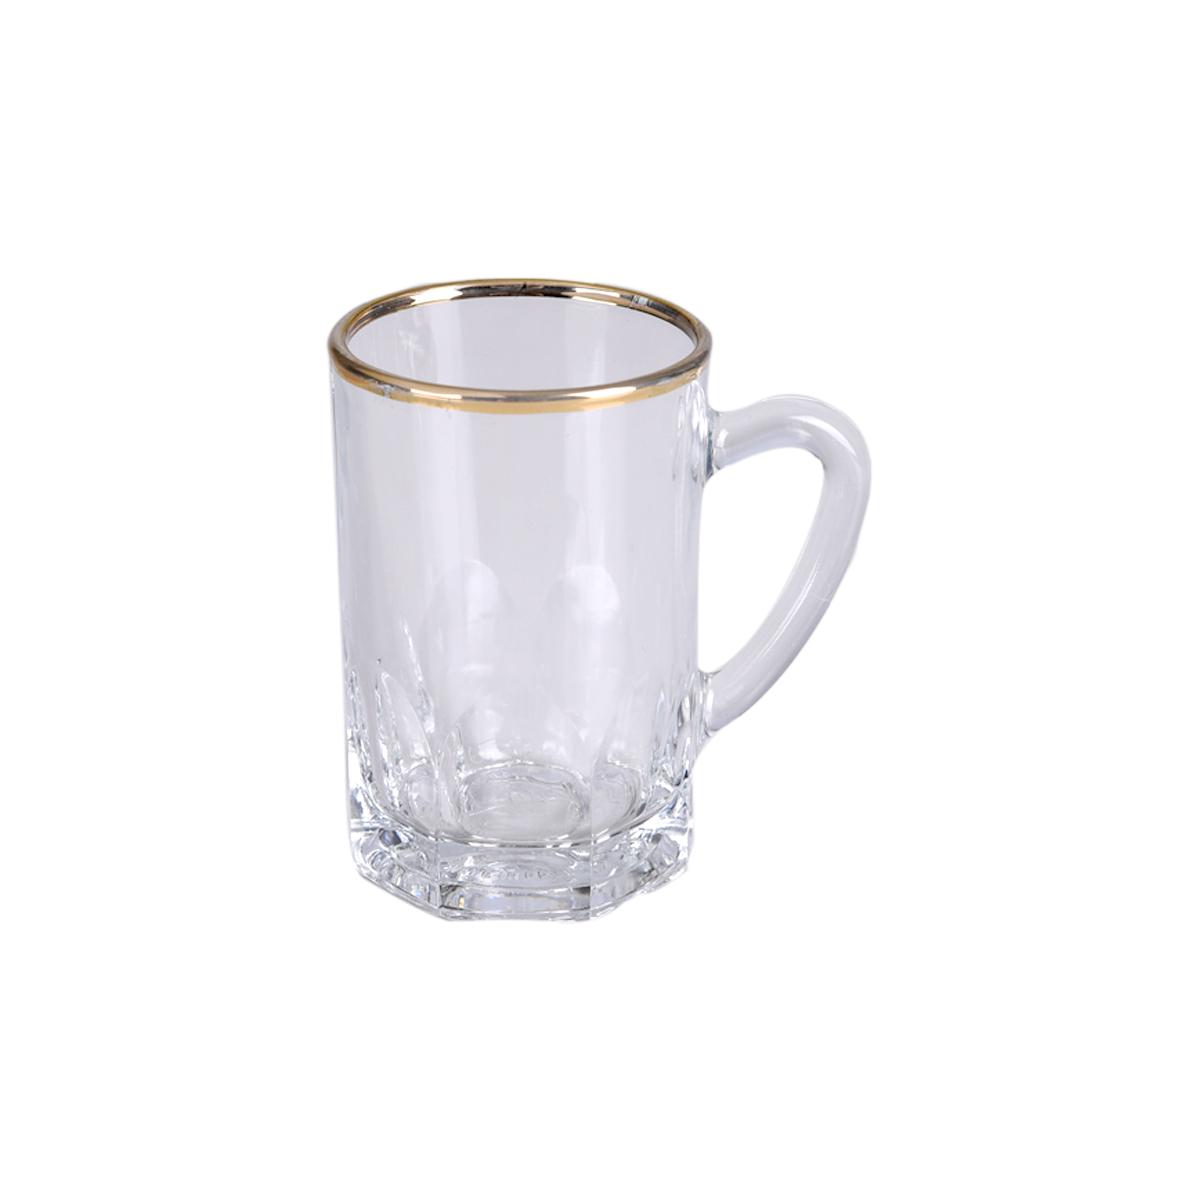 طقم بيالة شاي  -  6 قطعة  زجاج محدد بخطوط ذهبية ,, السيف